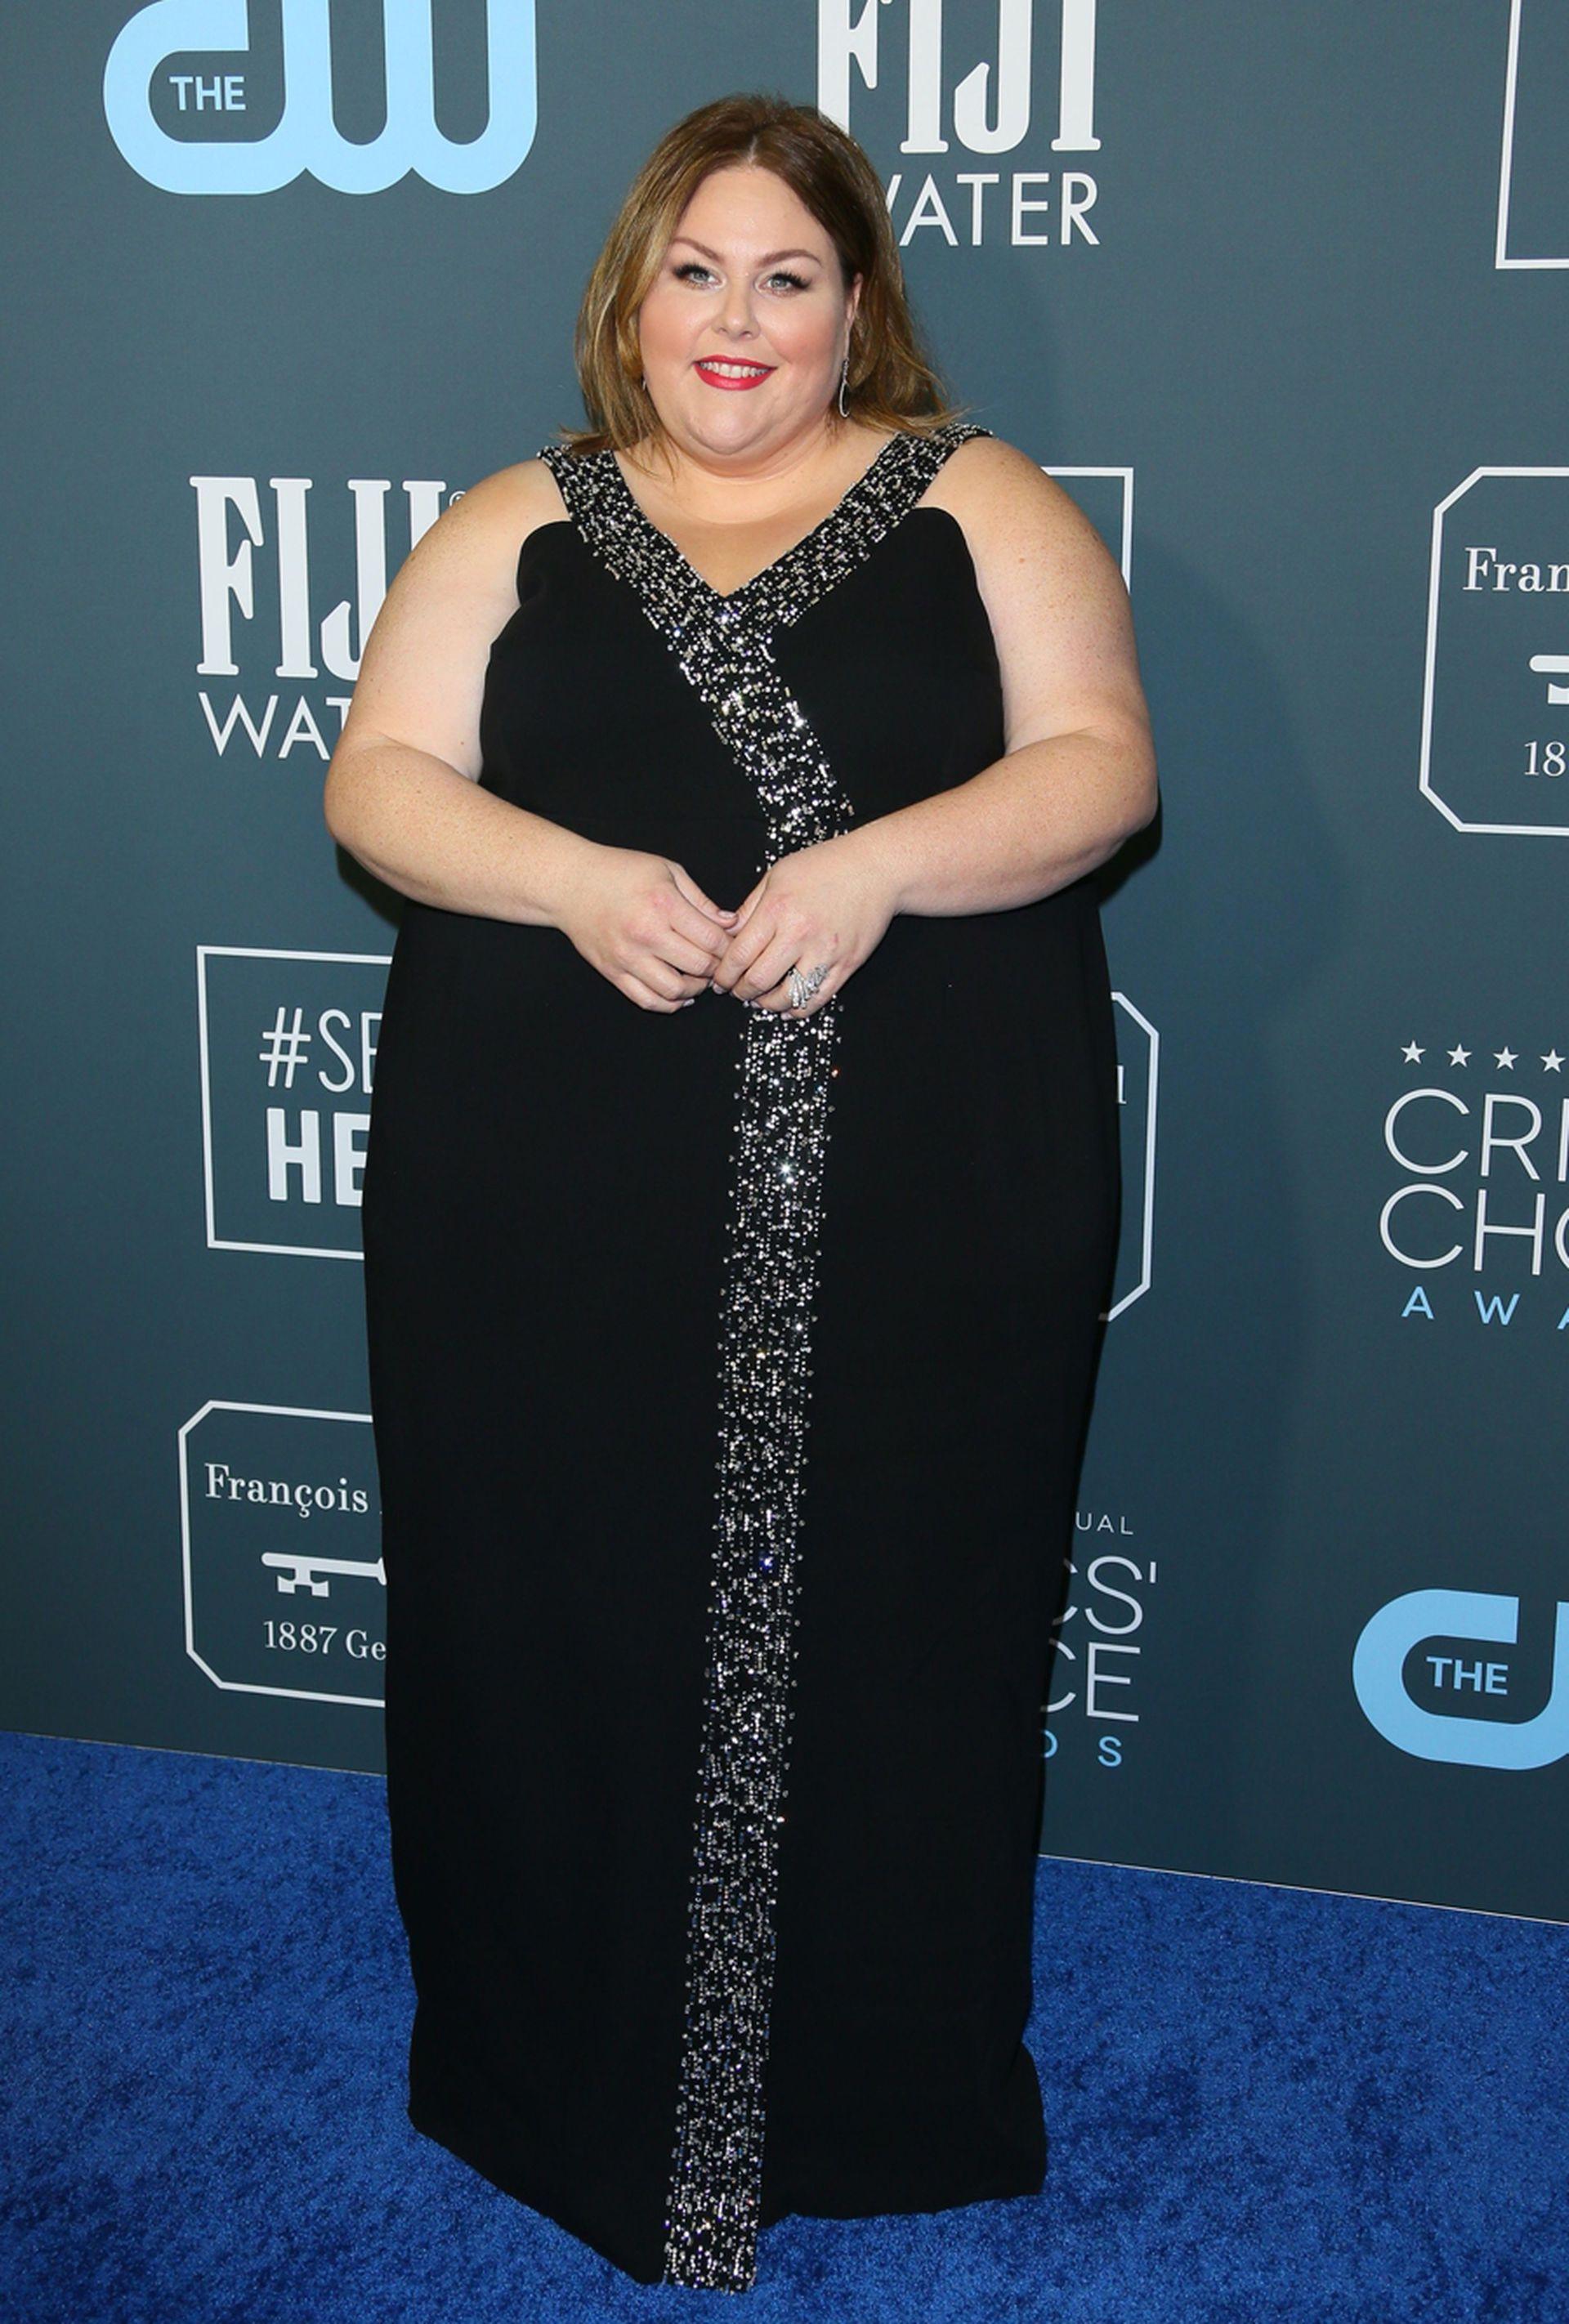 Esta vez, Chrissy Metz optó por un elegante vestido negro con bordado en plata